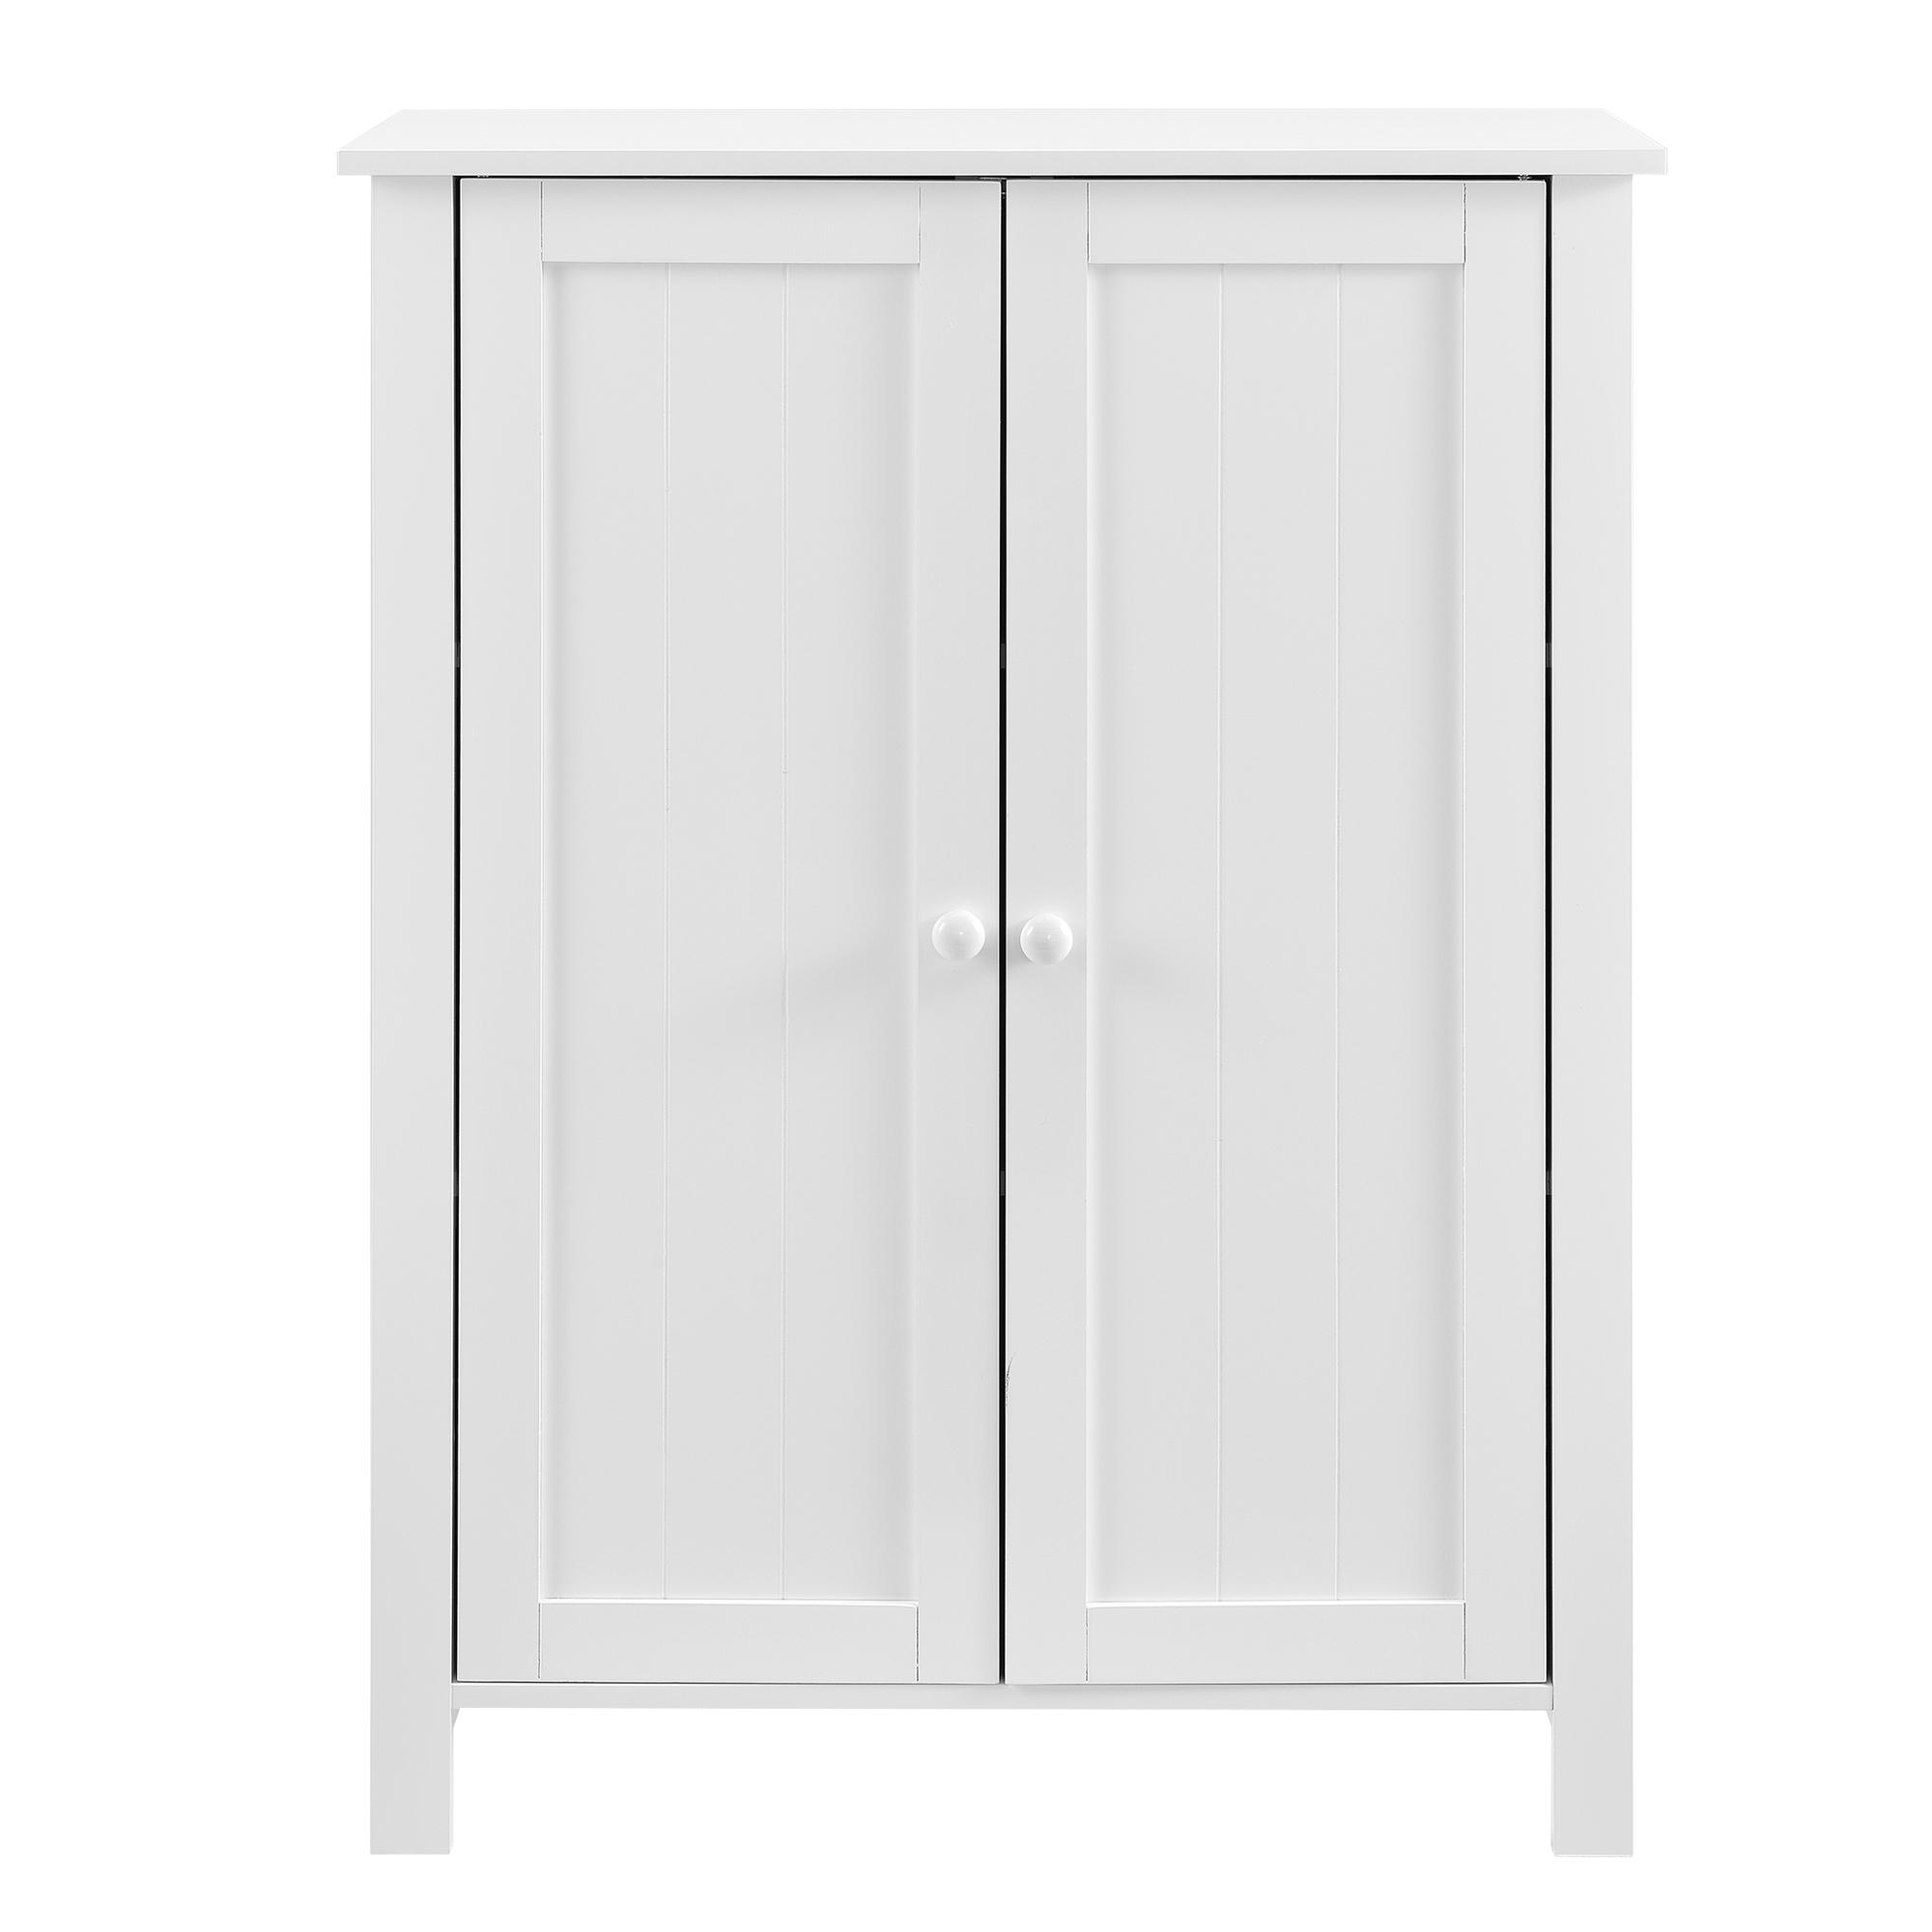 Armadio per bagno con 2 porte e 3 mensole 80x60x30cm bianco ebay - Porte per bagno ...